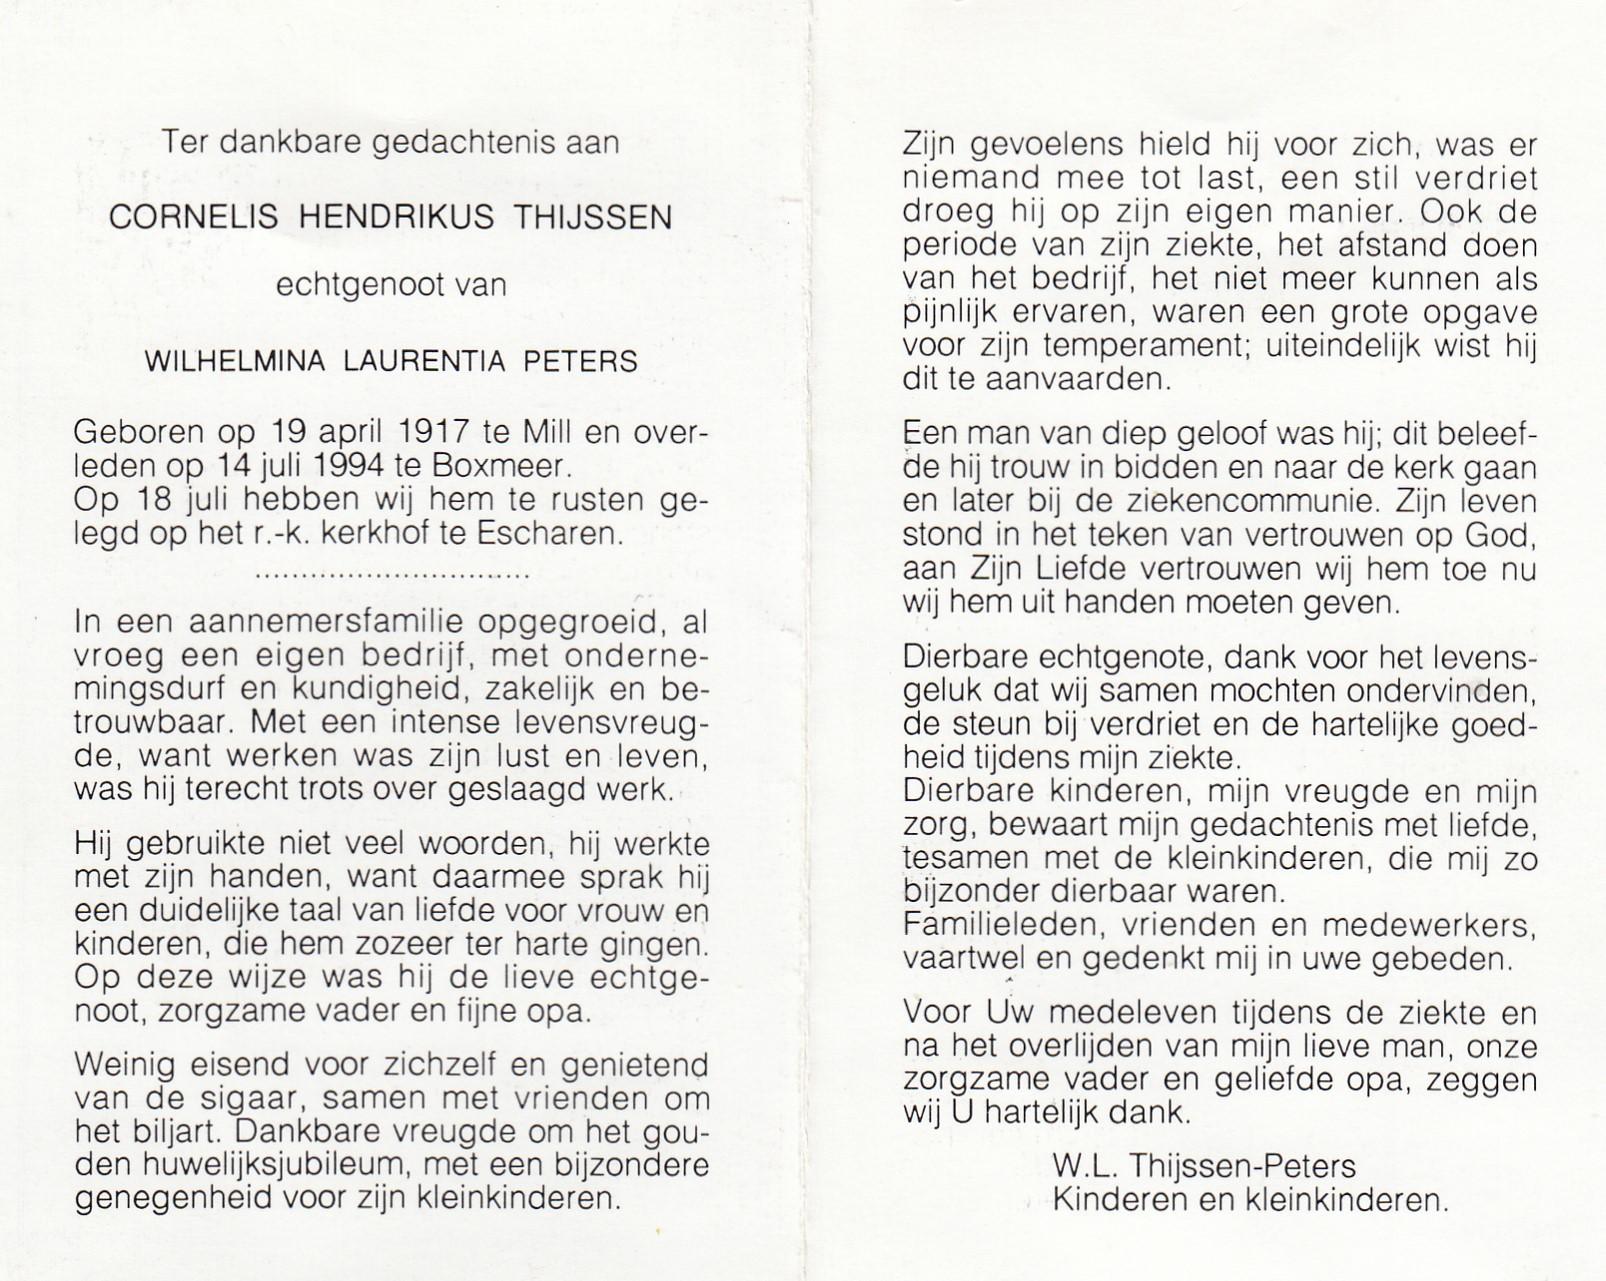 Bidprentje Cornelis Hendrikus Thijssen